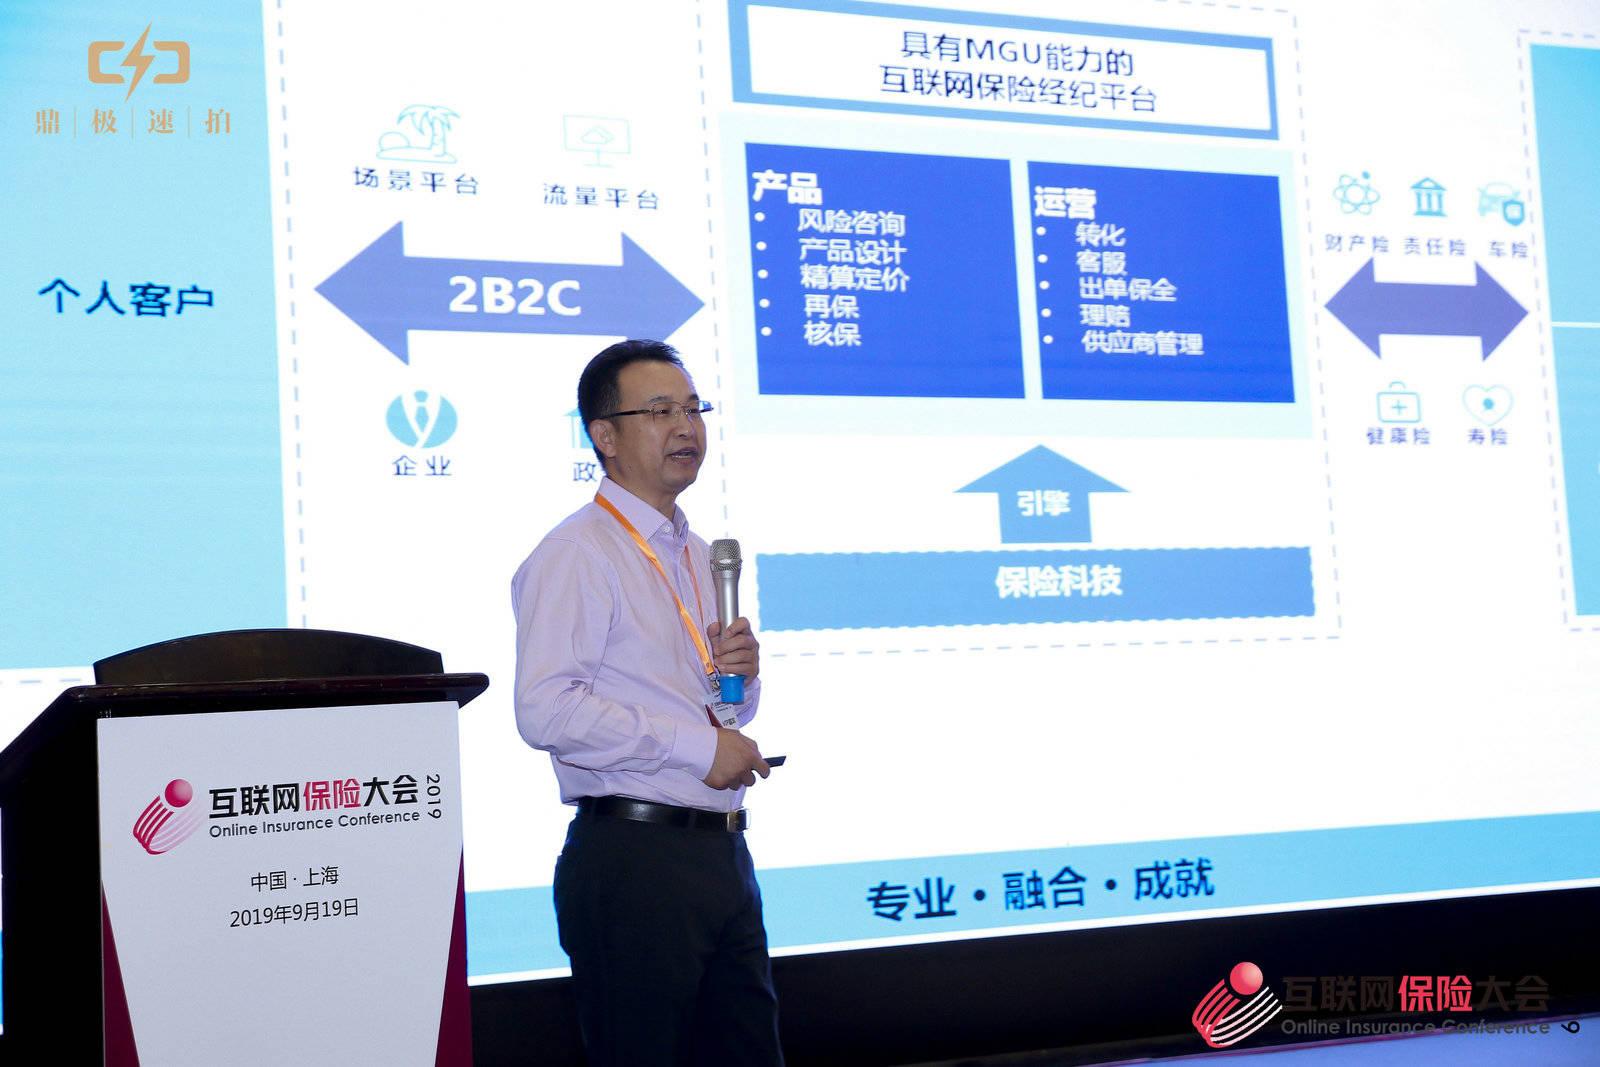 金沙电玩城官方下载保险大会2019上海站成功召开